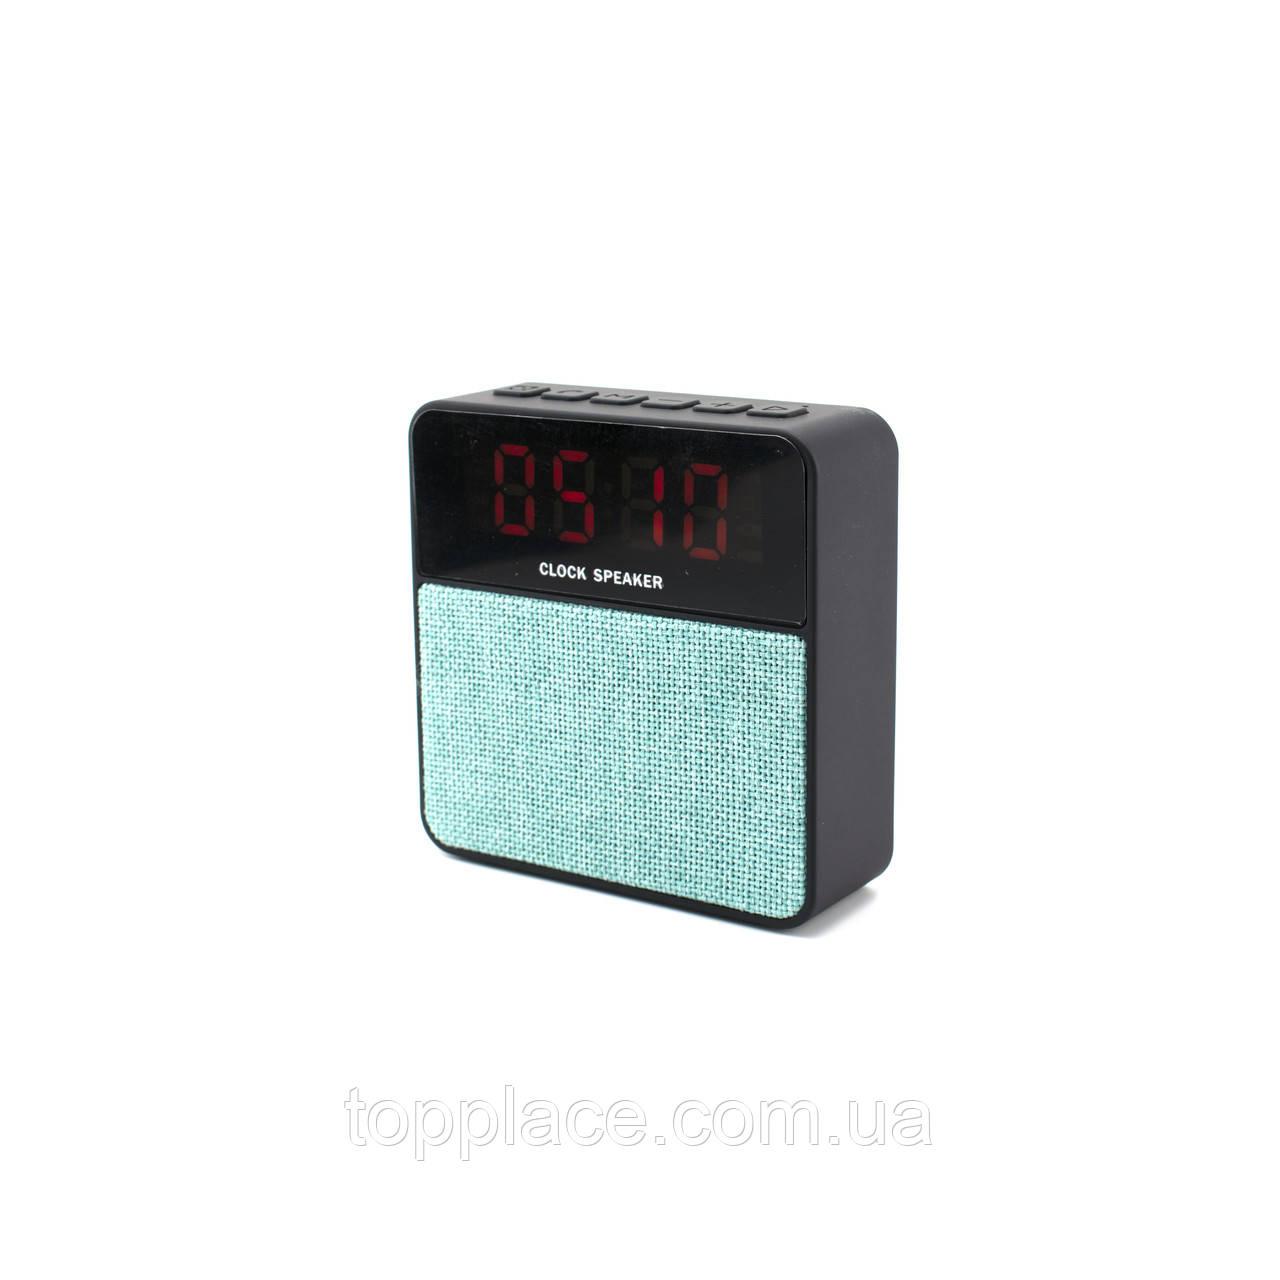 Настольные электронные часы T1 c Bluetooth и FM, Черный с голубым